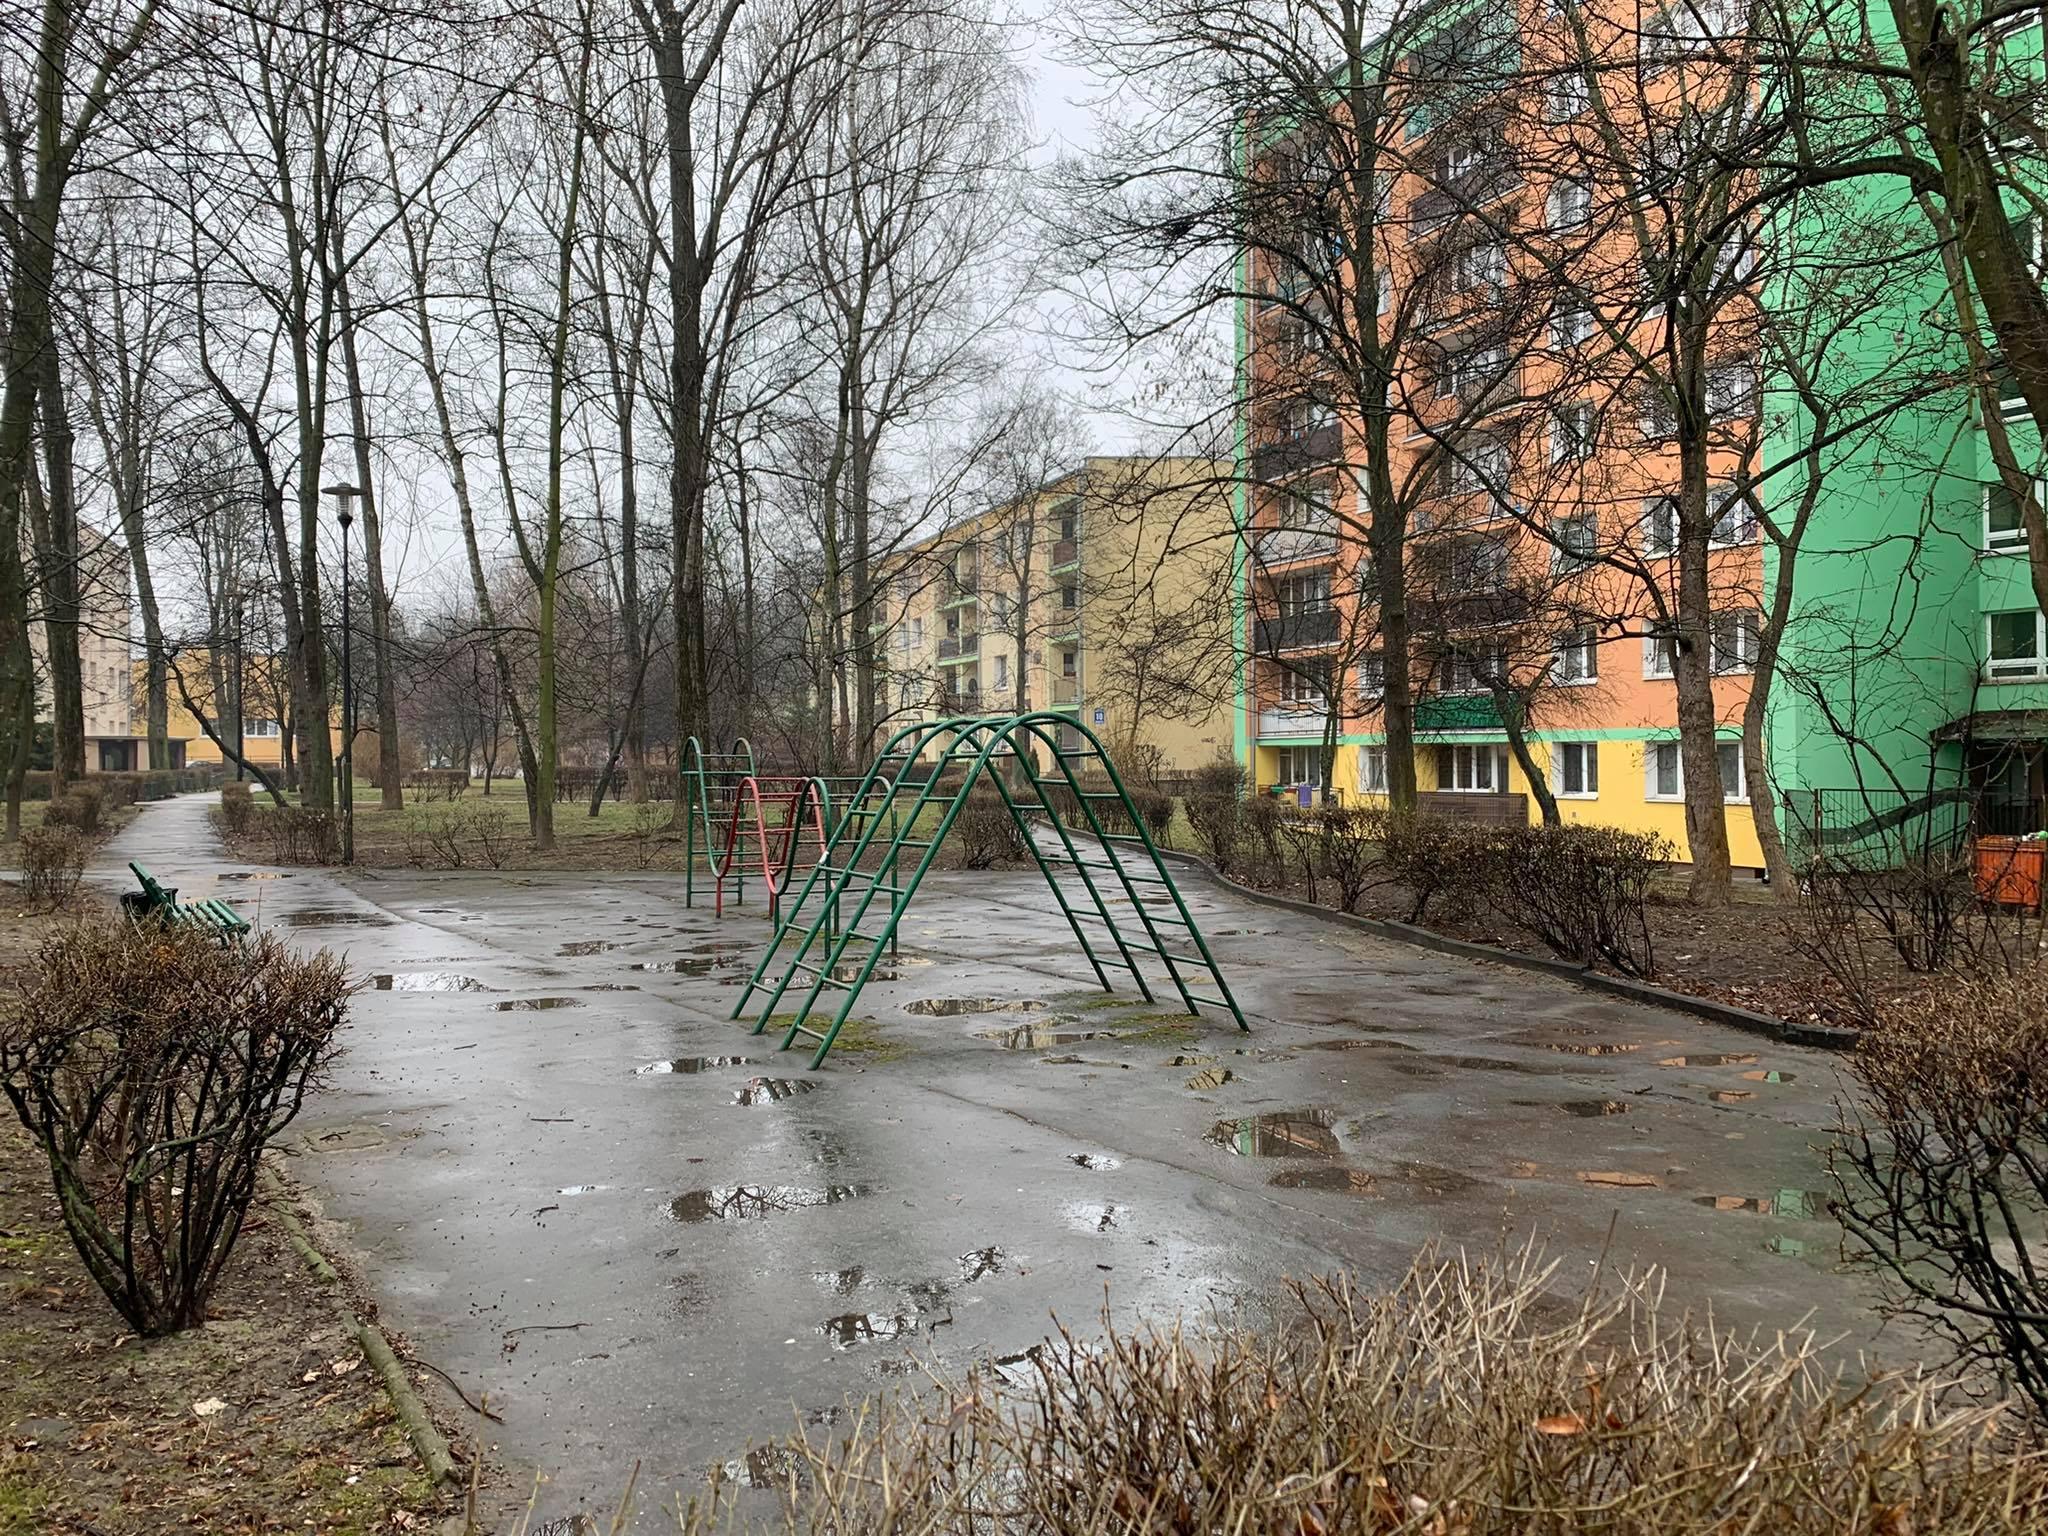 Na lubelskich Tatarach będzie nowy skwer. Pojawi się m.in. plac zabaw i siłownia zewnętrzna - Zdjęcie główne